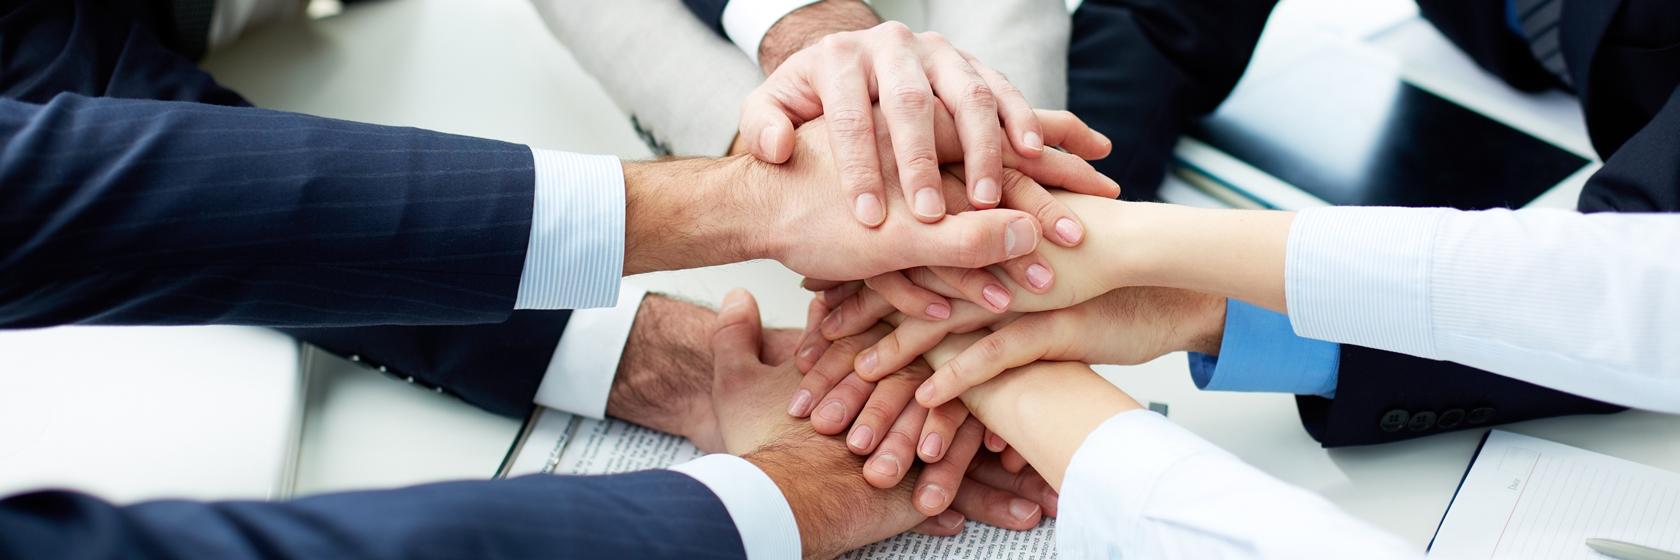 Asociacion-megaenlace-servicios